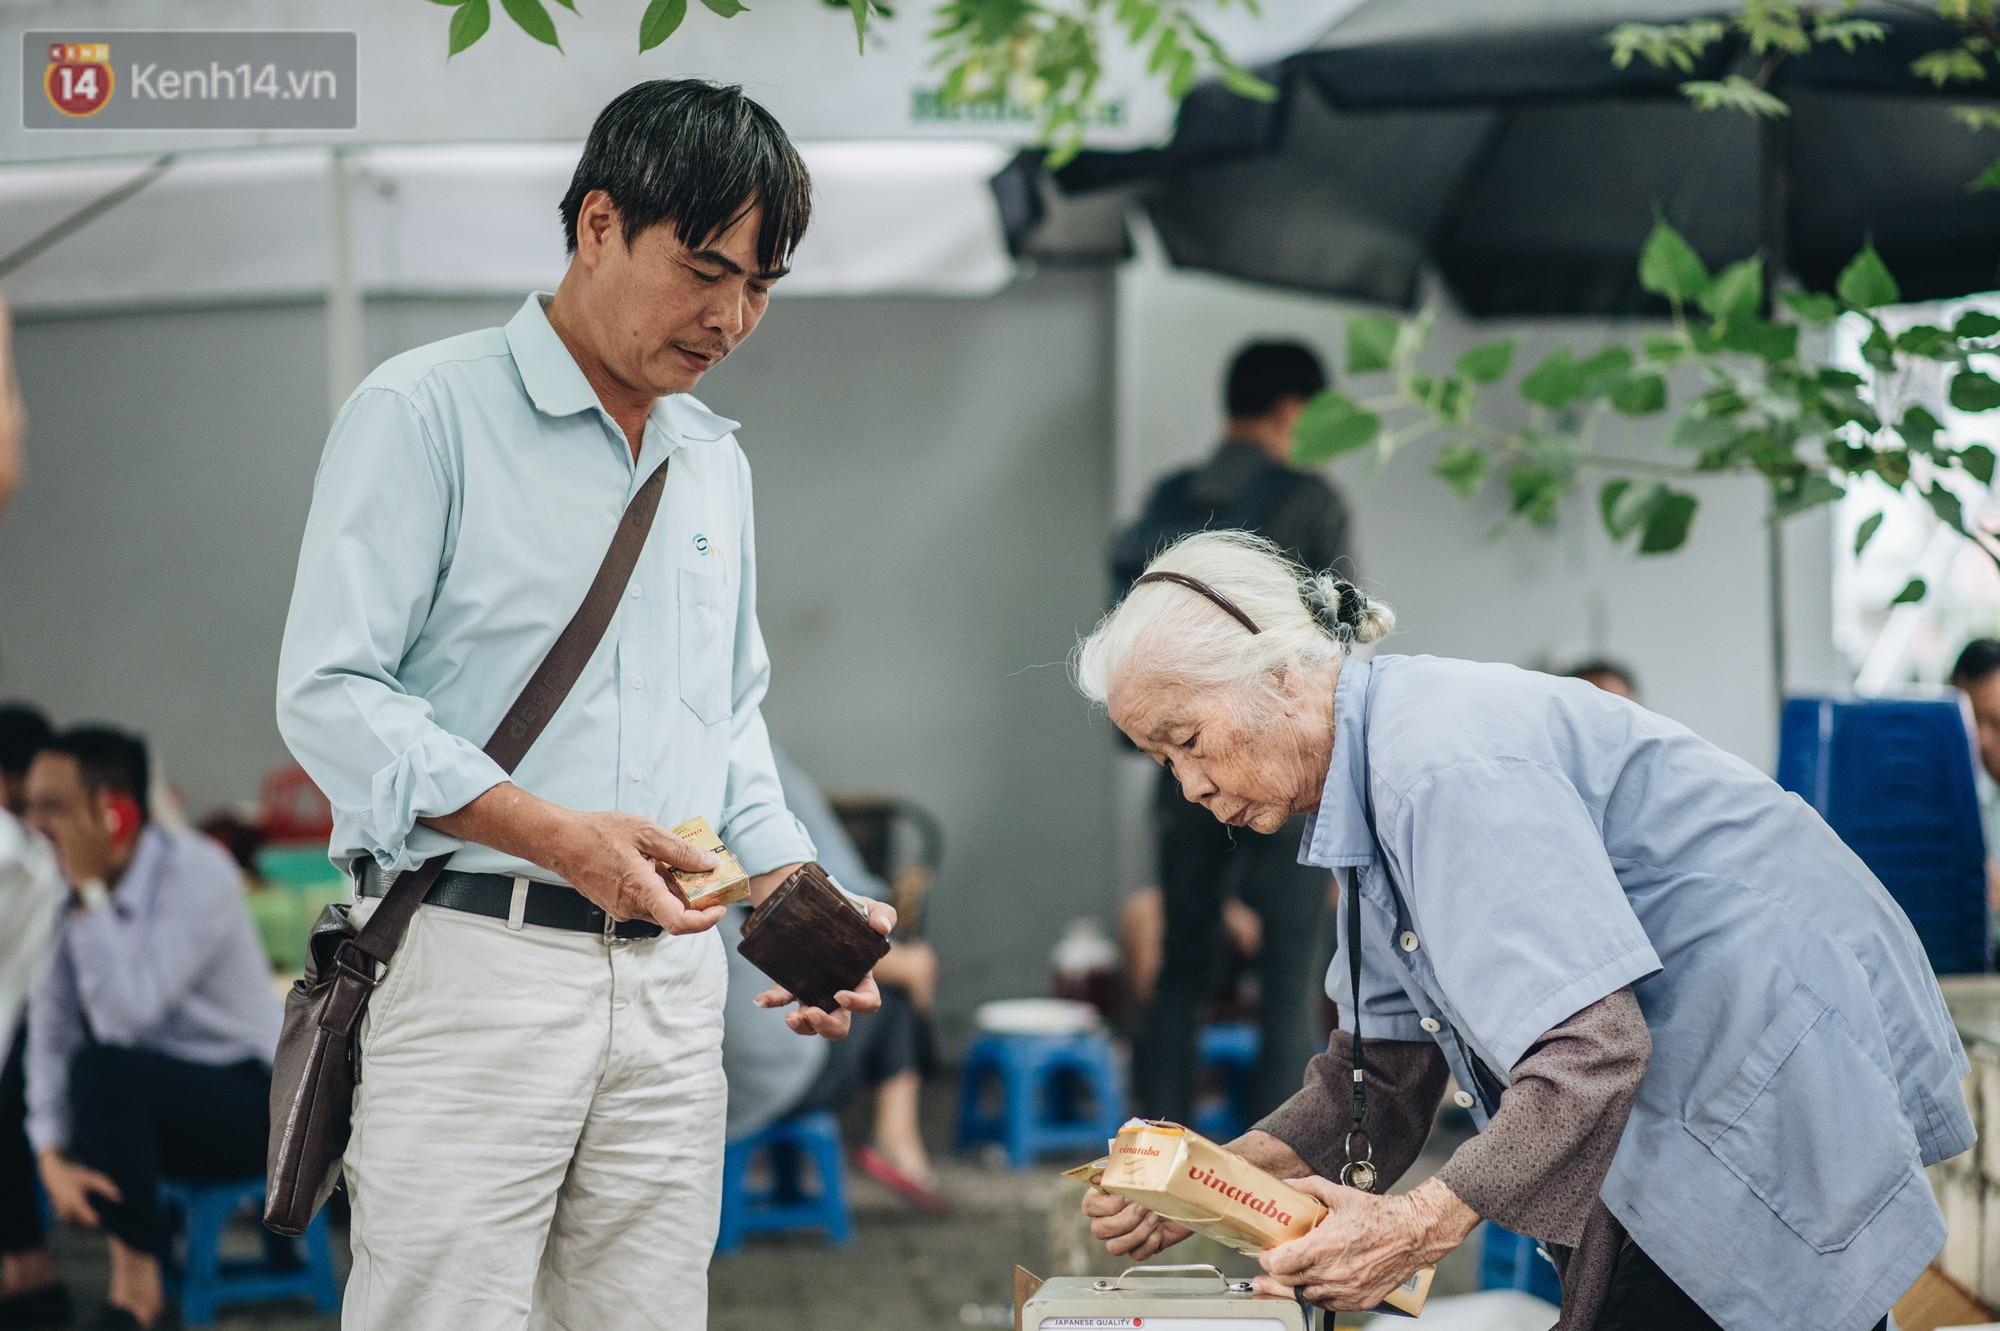 Cụ bà được mệnh danh nữ hùng vá săm vỉa hè Hà Nội: Nghỉ hưu sau 21 năm vá xe, bỏ rượu bia để sống khoẻ mạnh - Ảnh 10.